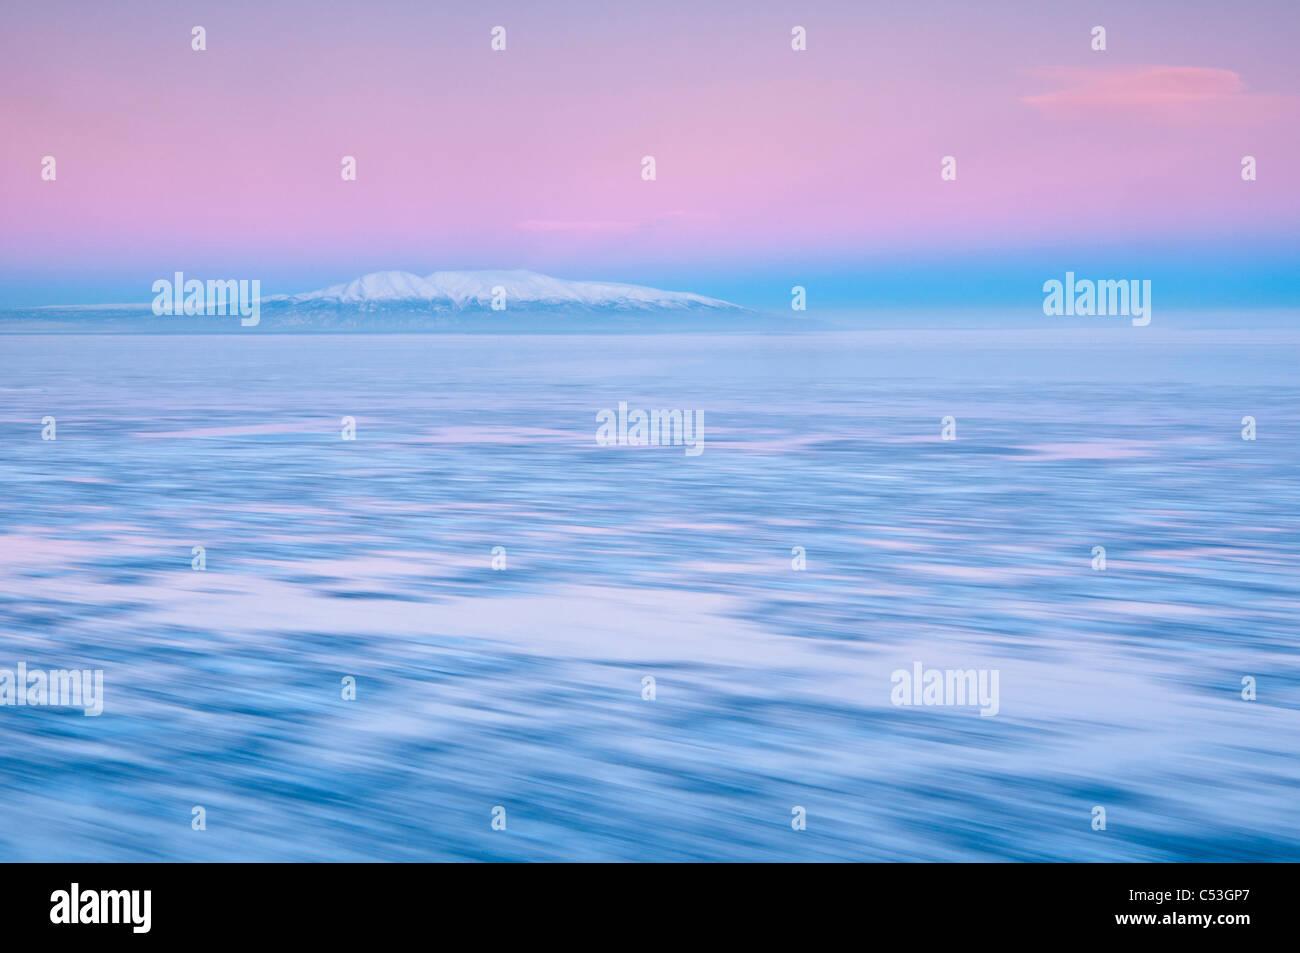 Verschwommen Bewegung Blick auf ausgehende Flut und Eis bei Sonnenaufgang mit Mount Susitna im Hintergrund, Punkt Stockbild